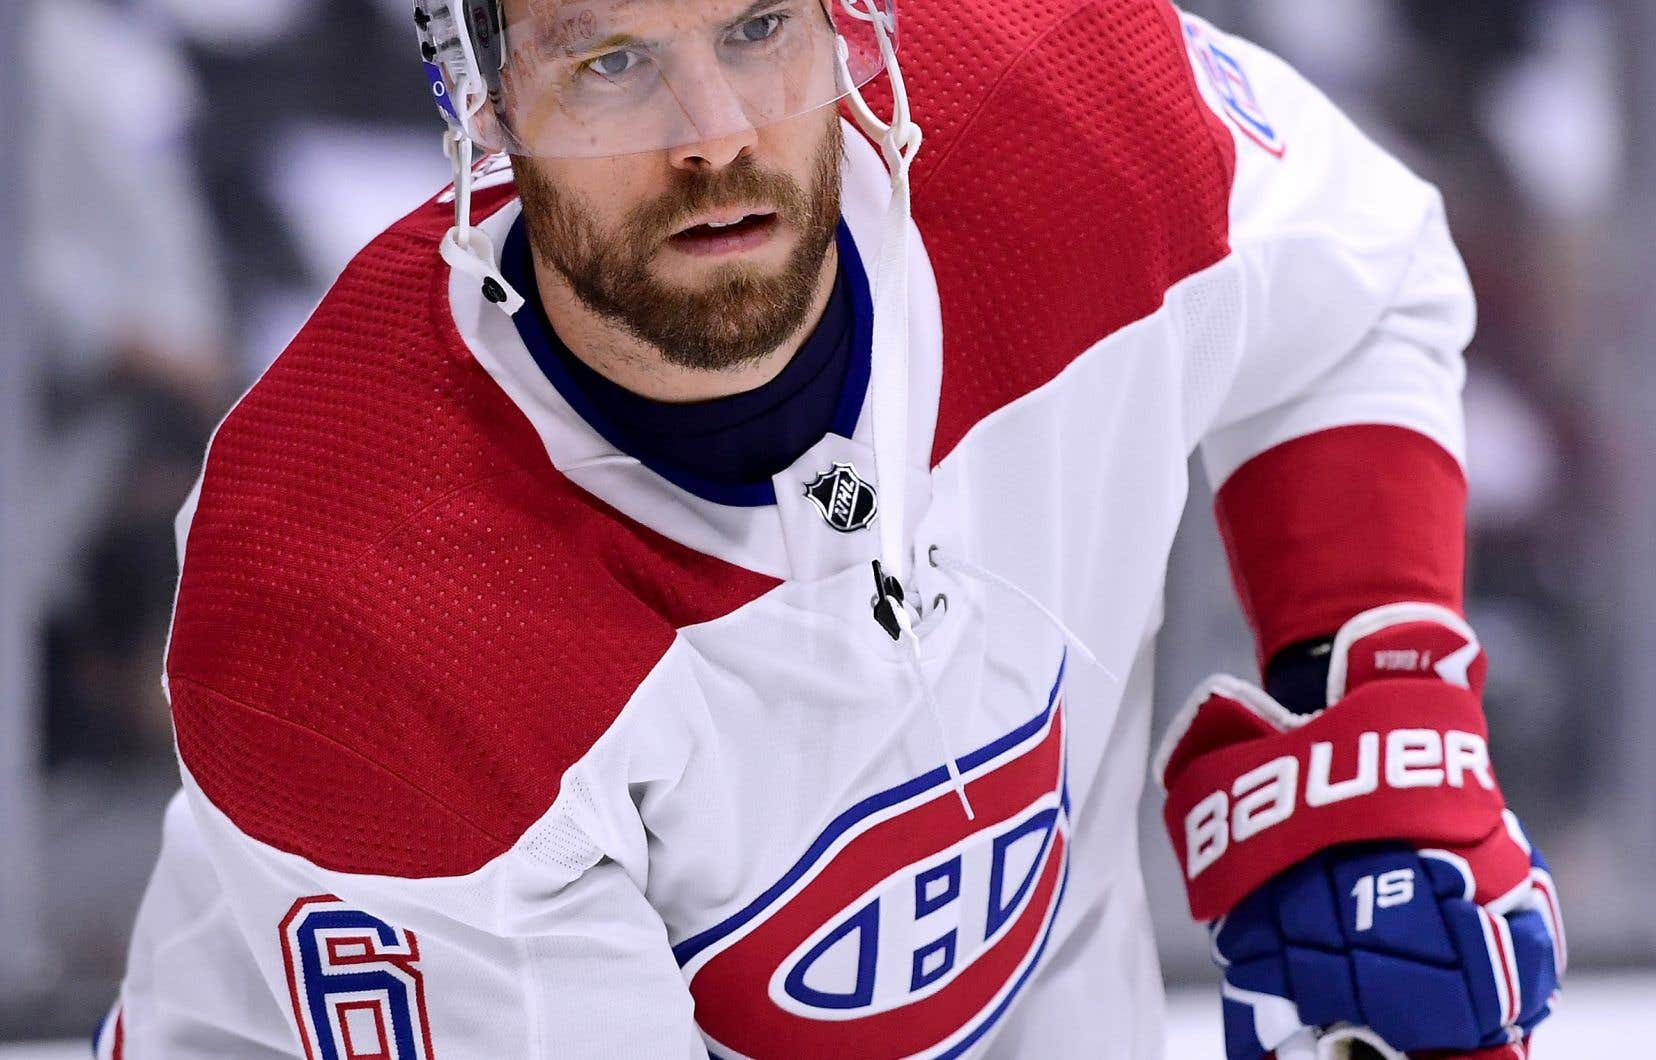 Shea Weber devrait se rétablir complètement de cette blessure, a déclaré le docteur David Mulder, médecin en chef du Canadien.